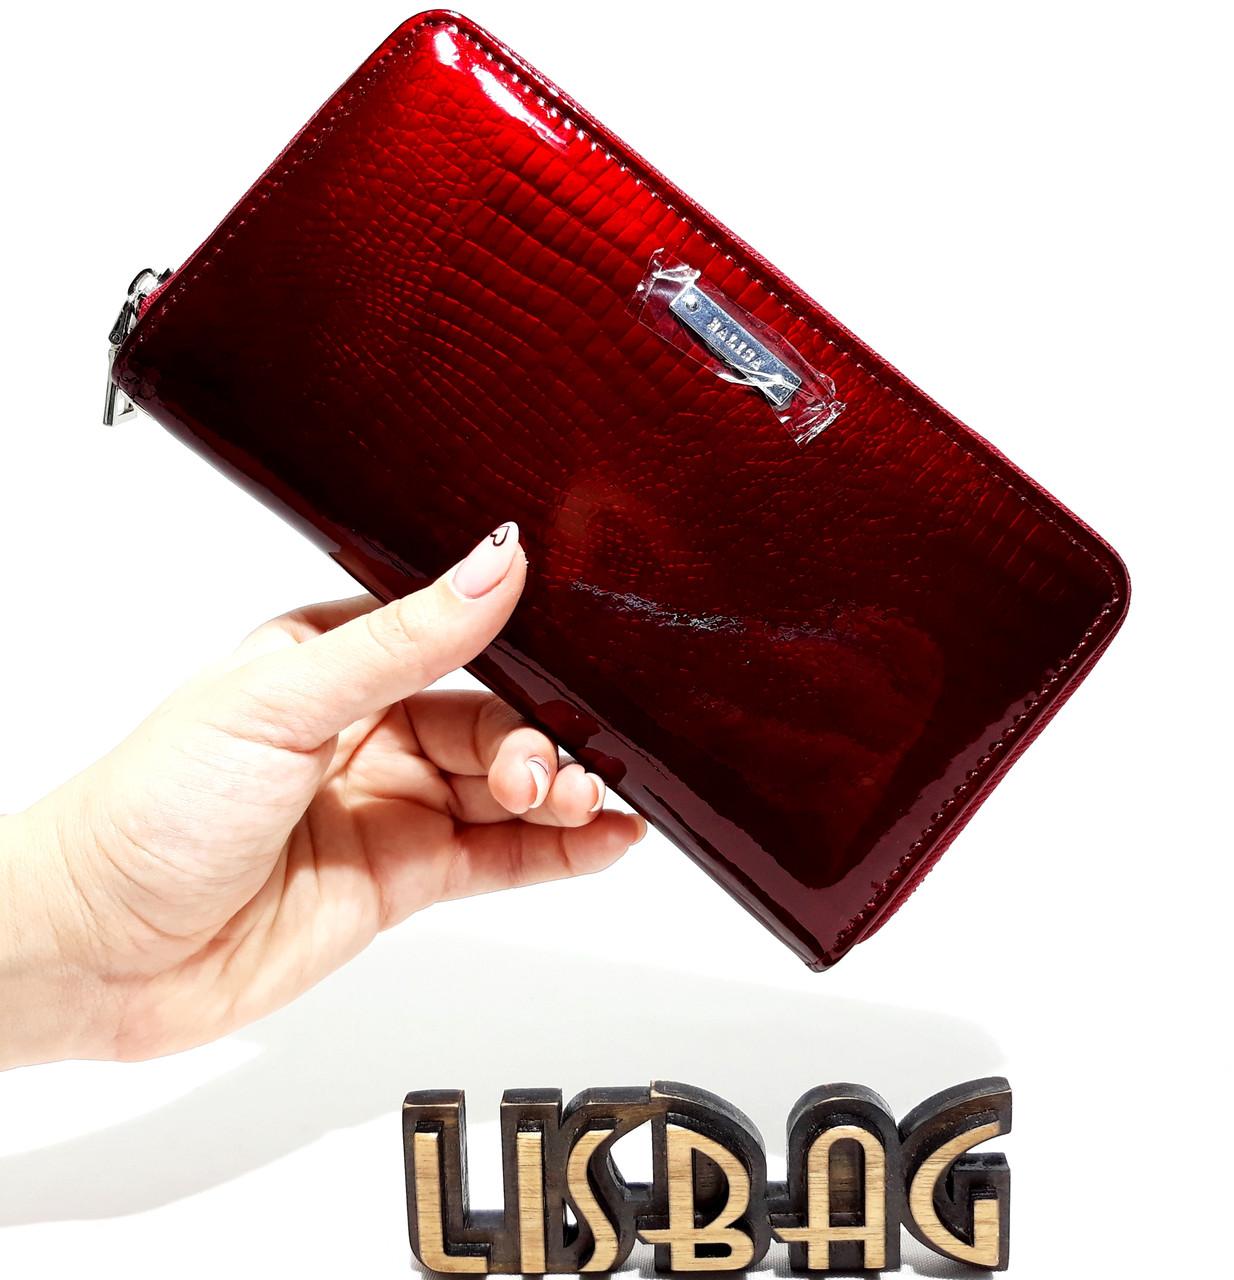 269eee3084cc Женский Классический кожаный кошелек на молнии Balisa модель 2018 Бордовый  - Интернет магазин Lisbag в Умани